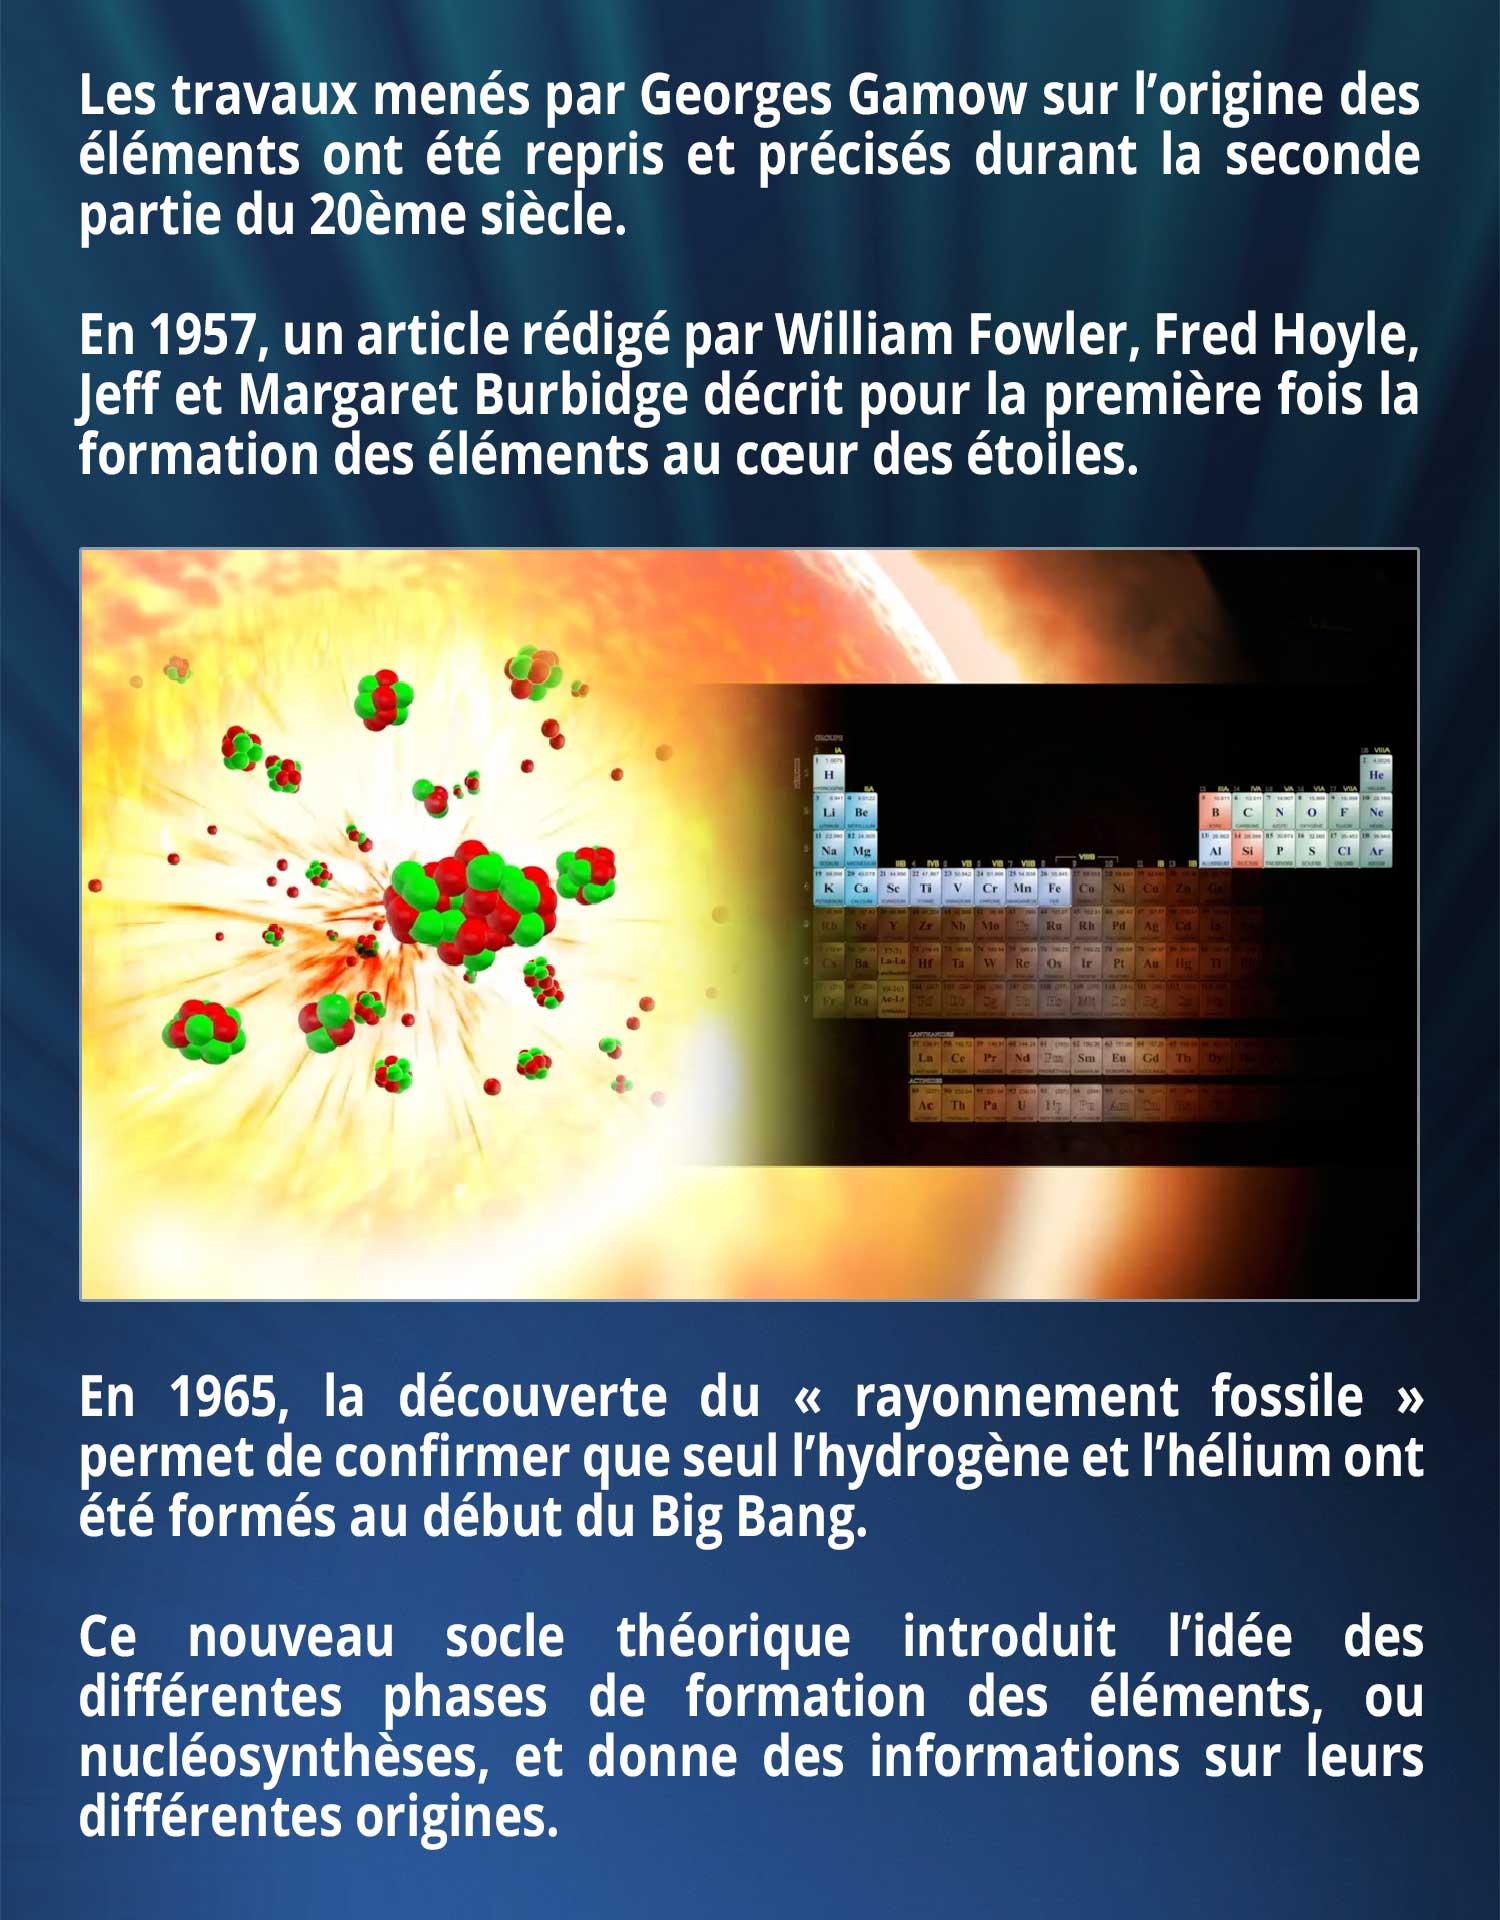 Les travaux menés par Georges Gamow sur l'origine des éléments ont été repris et précisés durant la seconde partie du 20ème siècle. En 1957, un article rédigé par William Fowler, Fred Hoyle, Jeff et Margaret Burbidge décrit pour la première fois la formation des éléments au cœur des étoiles. En 1965, la découverte du « rayonnement fossile » permet de confirmer que seul l'hydrogène et l'hélium ont été formés au début du Big Bang. Ce nouveau socle théorique introduit l'idée des différentes phases de formation des éléments, ou nucléosynthèses, et donne des informations sur leurs différentes origines.